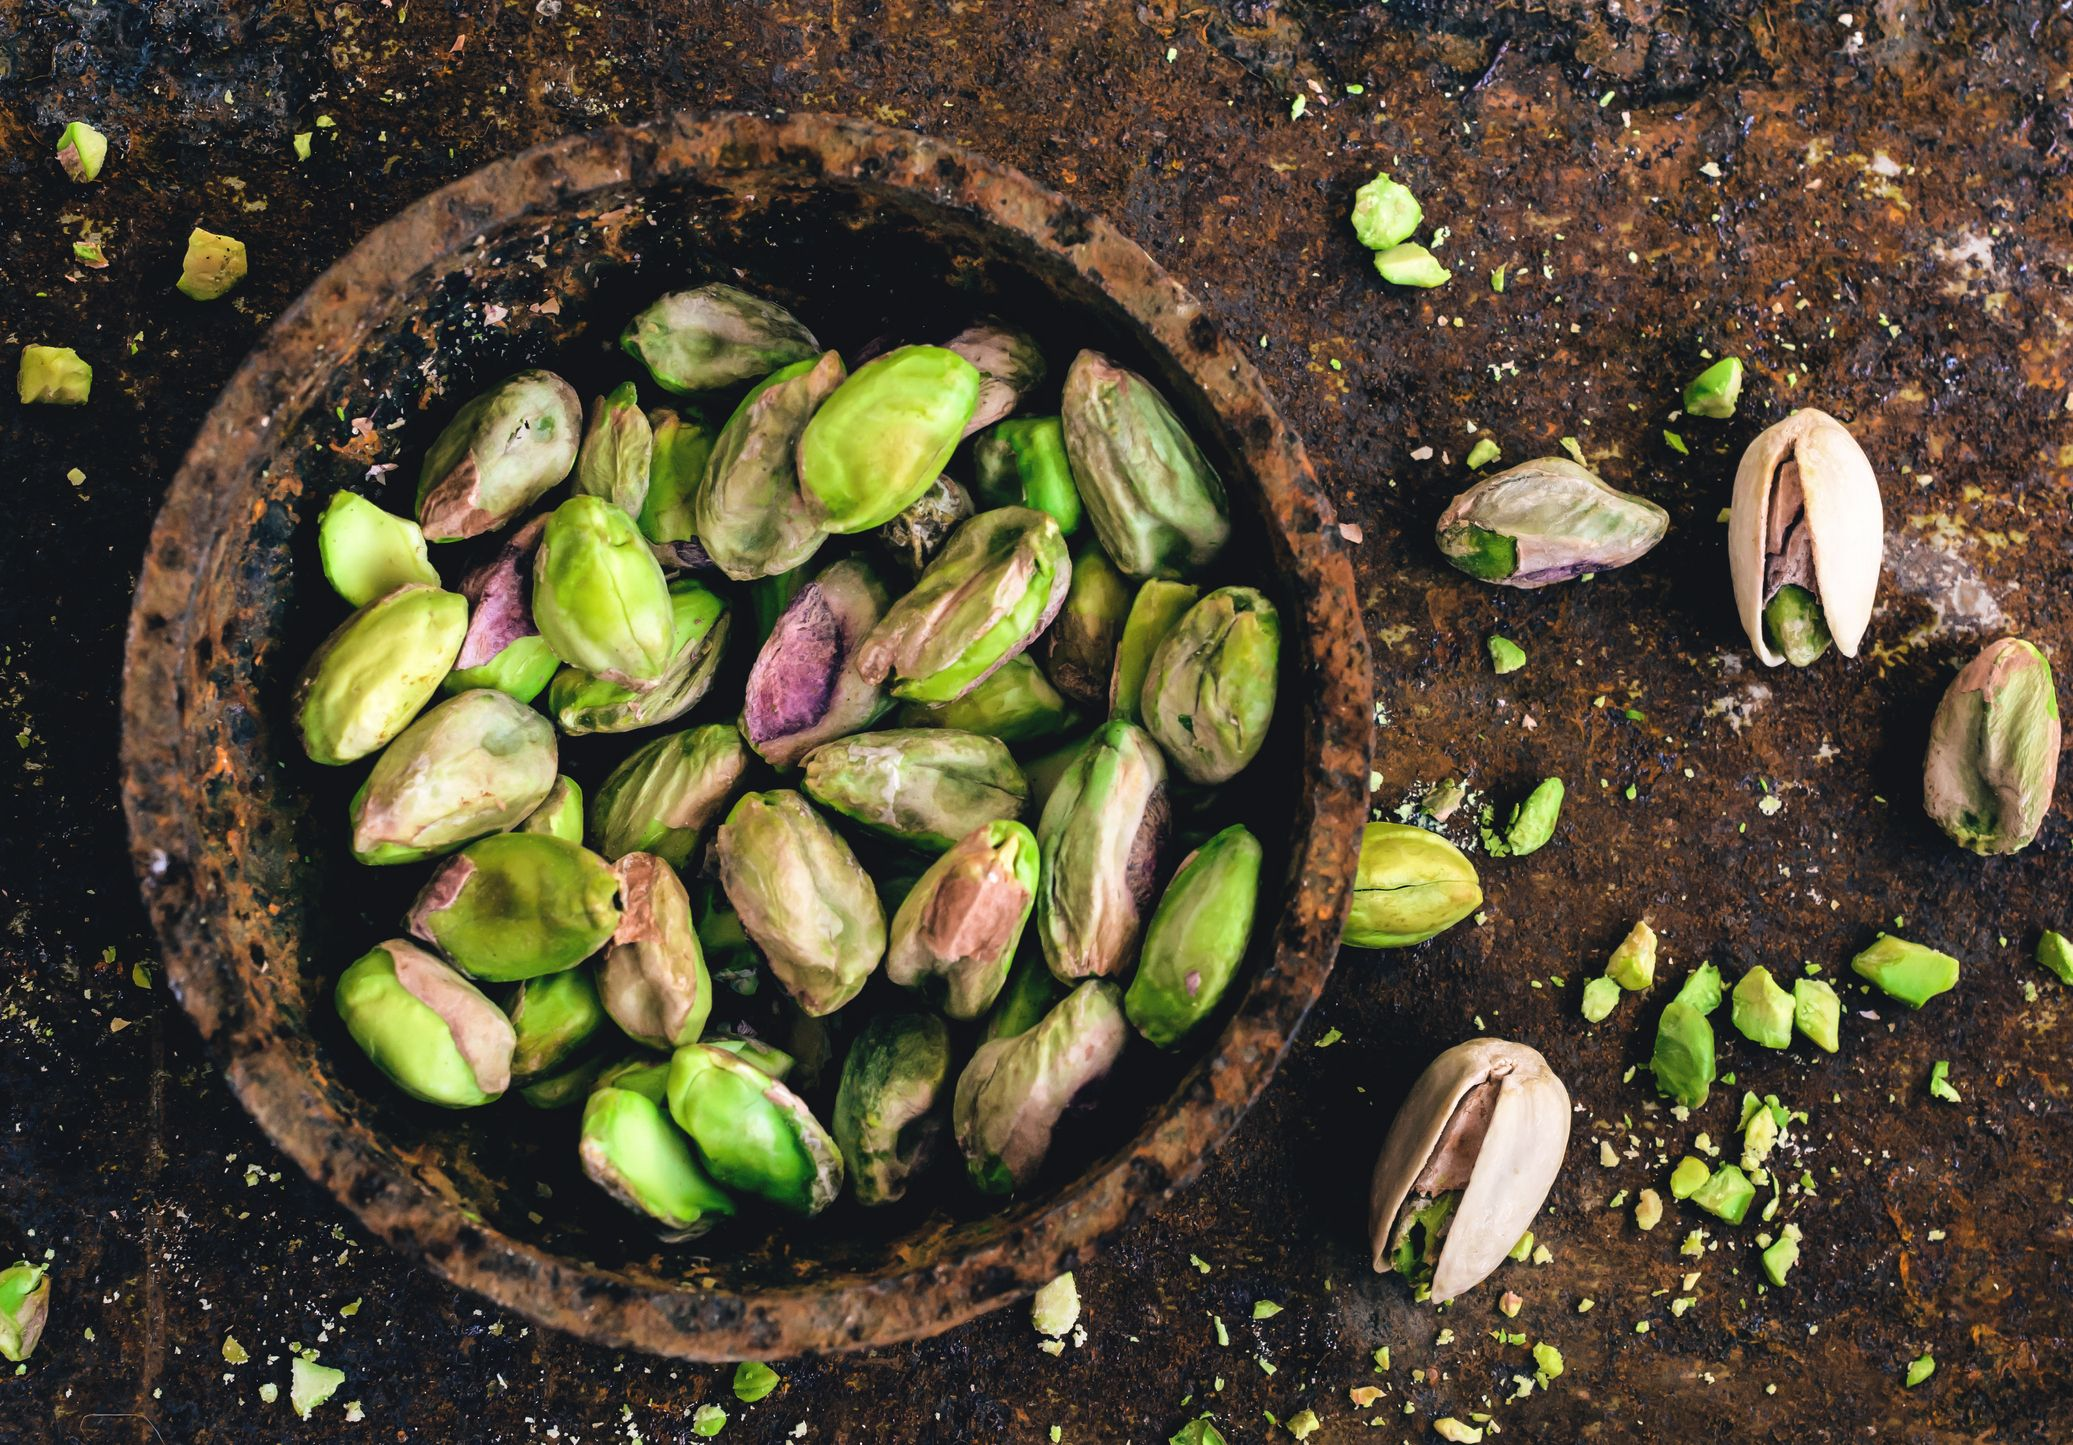 Un estudio demuestra que los pistachos pueden ser buenos aliados en tu dieta